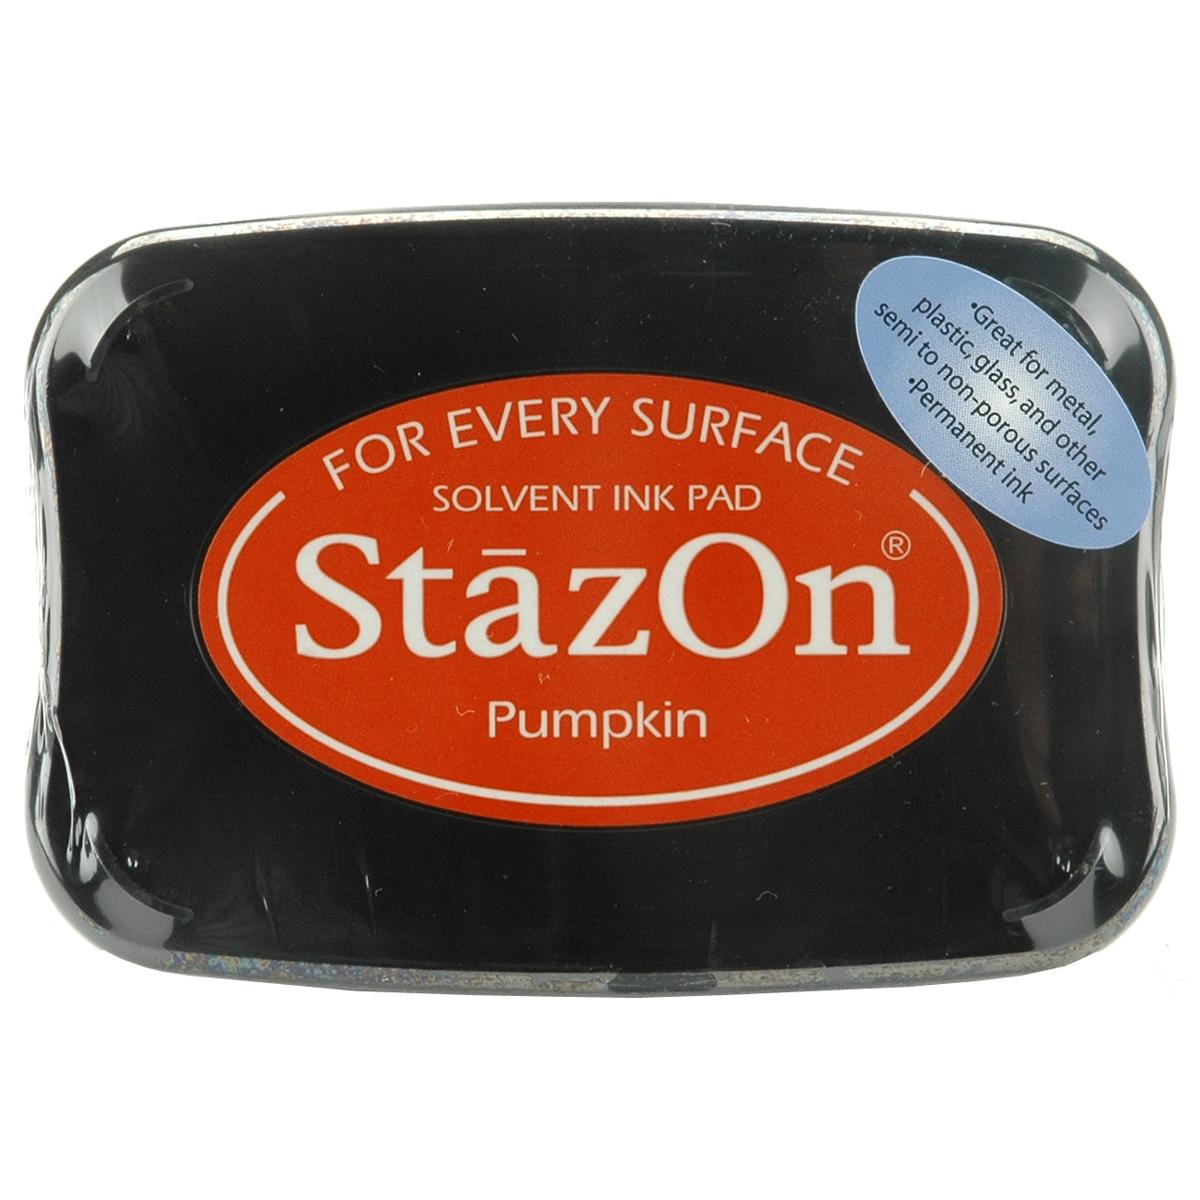 StazOn Inker Pumpkin